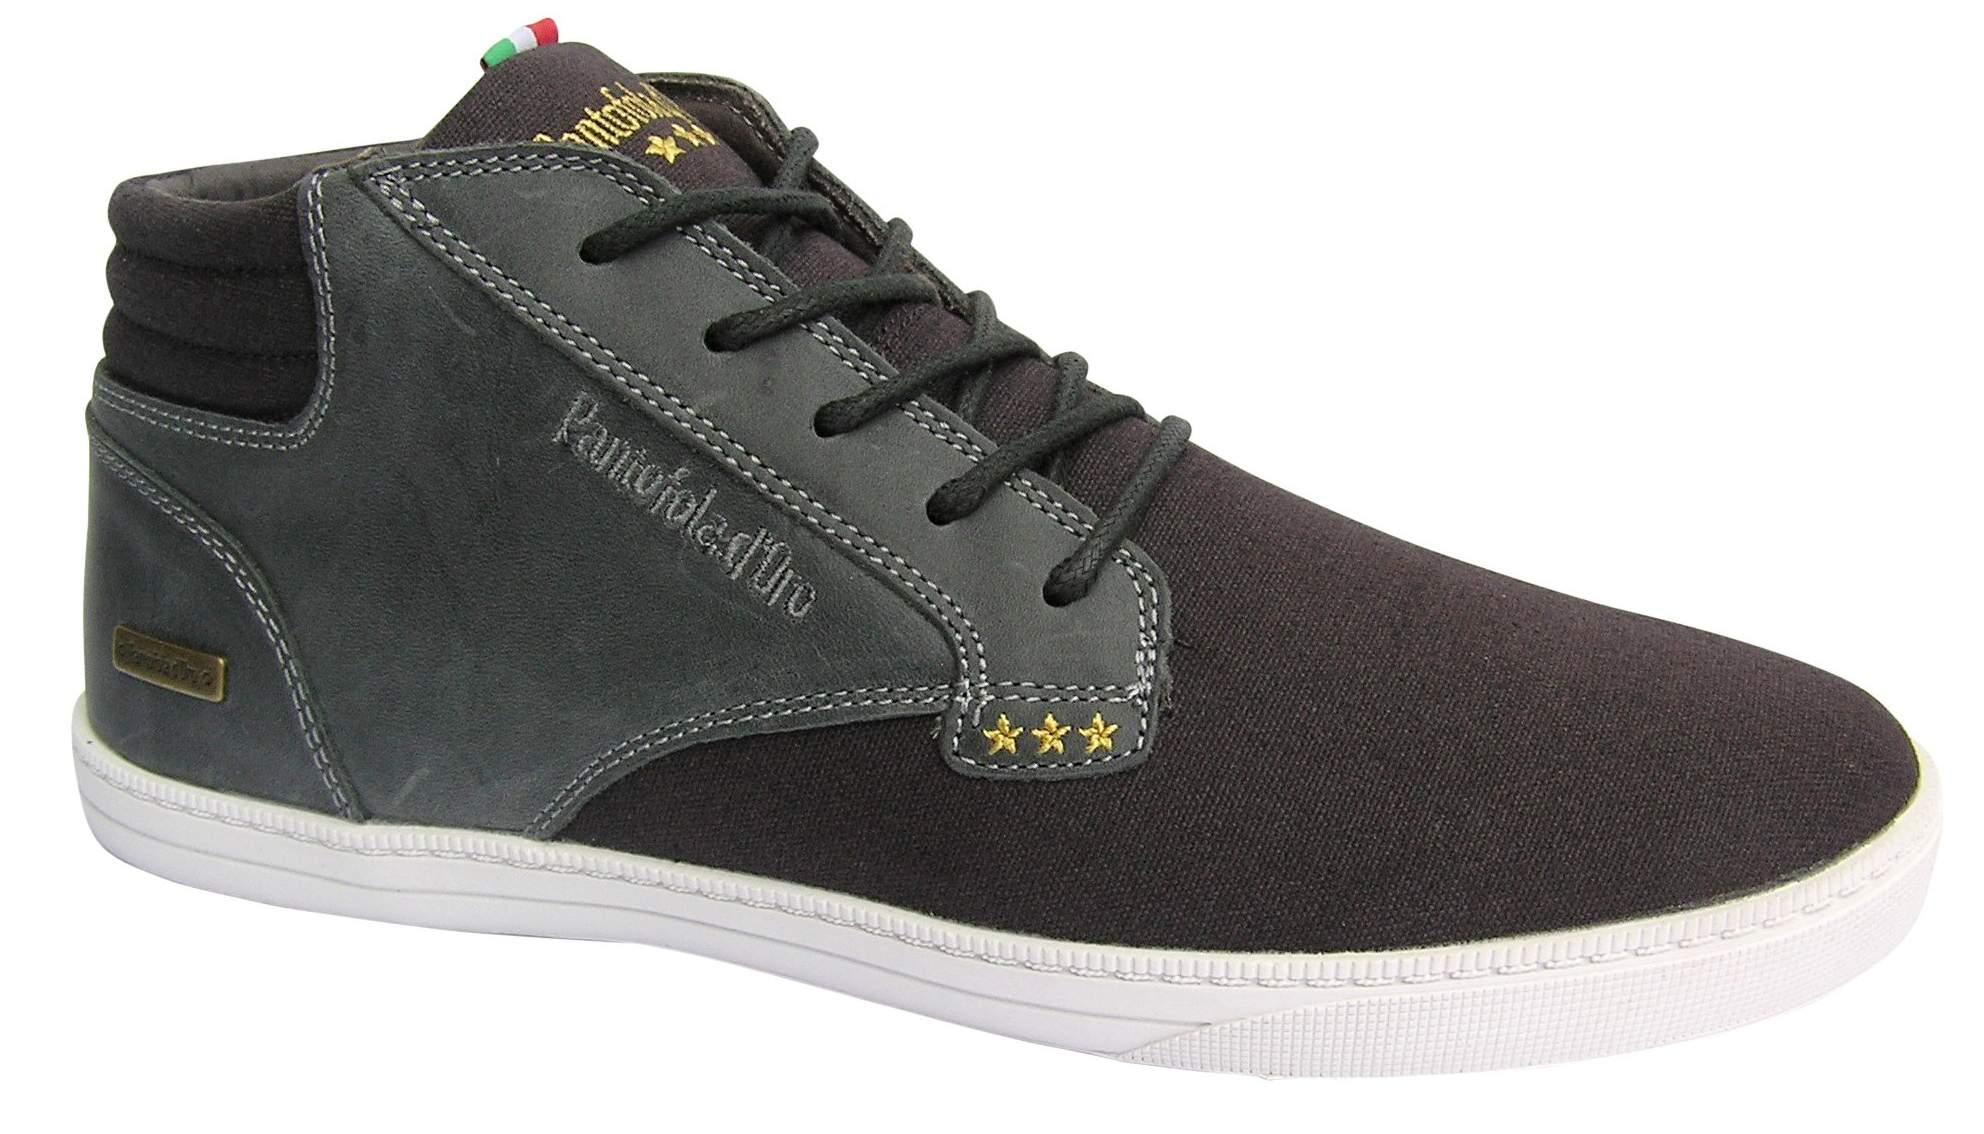 Pantofola d'Oro Prato Mid anthracit Sneaker Herren SvuUVA7A